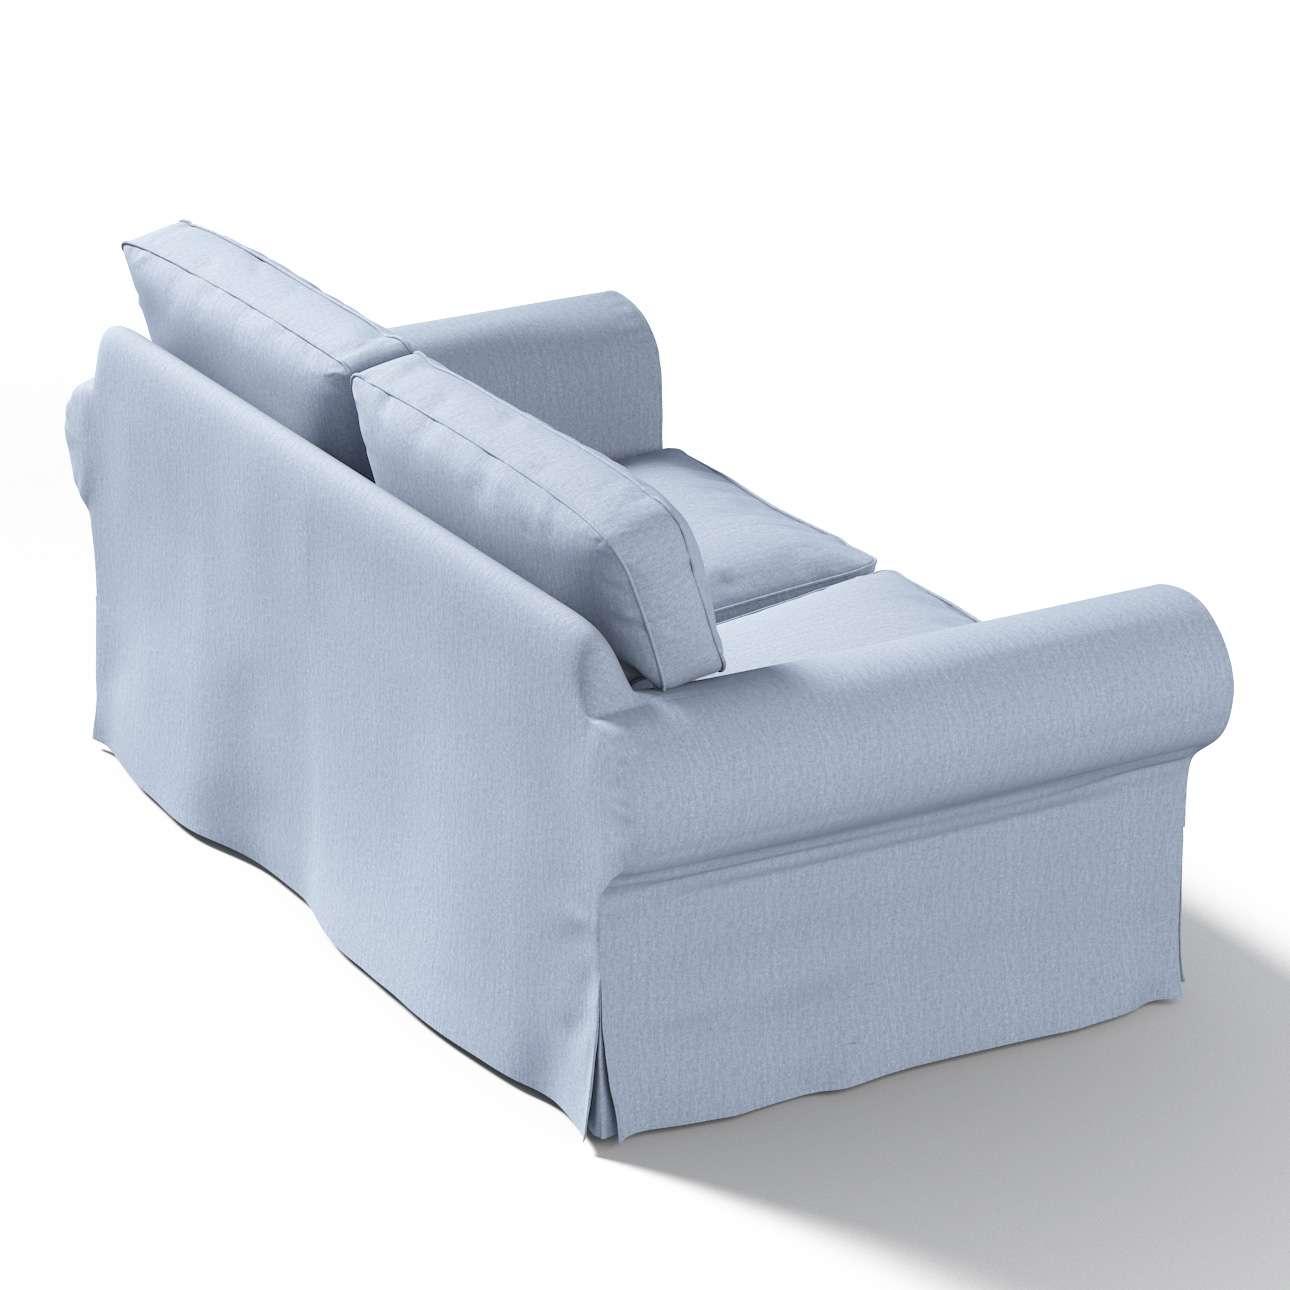 Potah na pohovku IKEA  Ektorp 2-místná, nerozkládací pohovka Ektorp 2-místná v kolekci Chenille , látka: 702-13